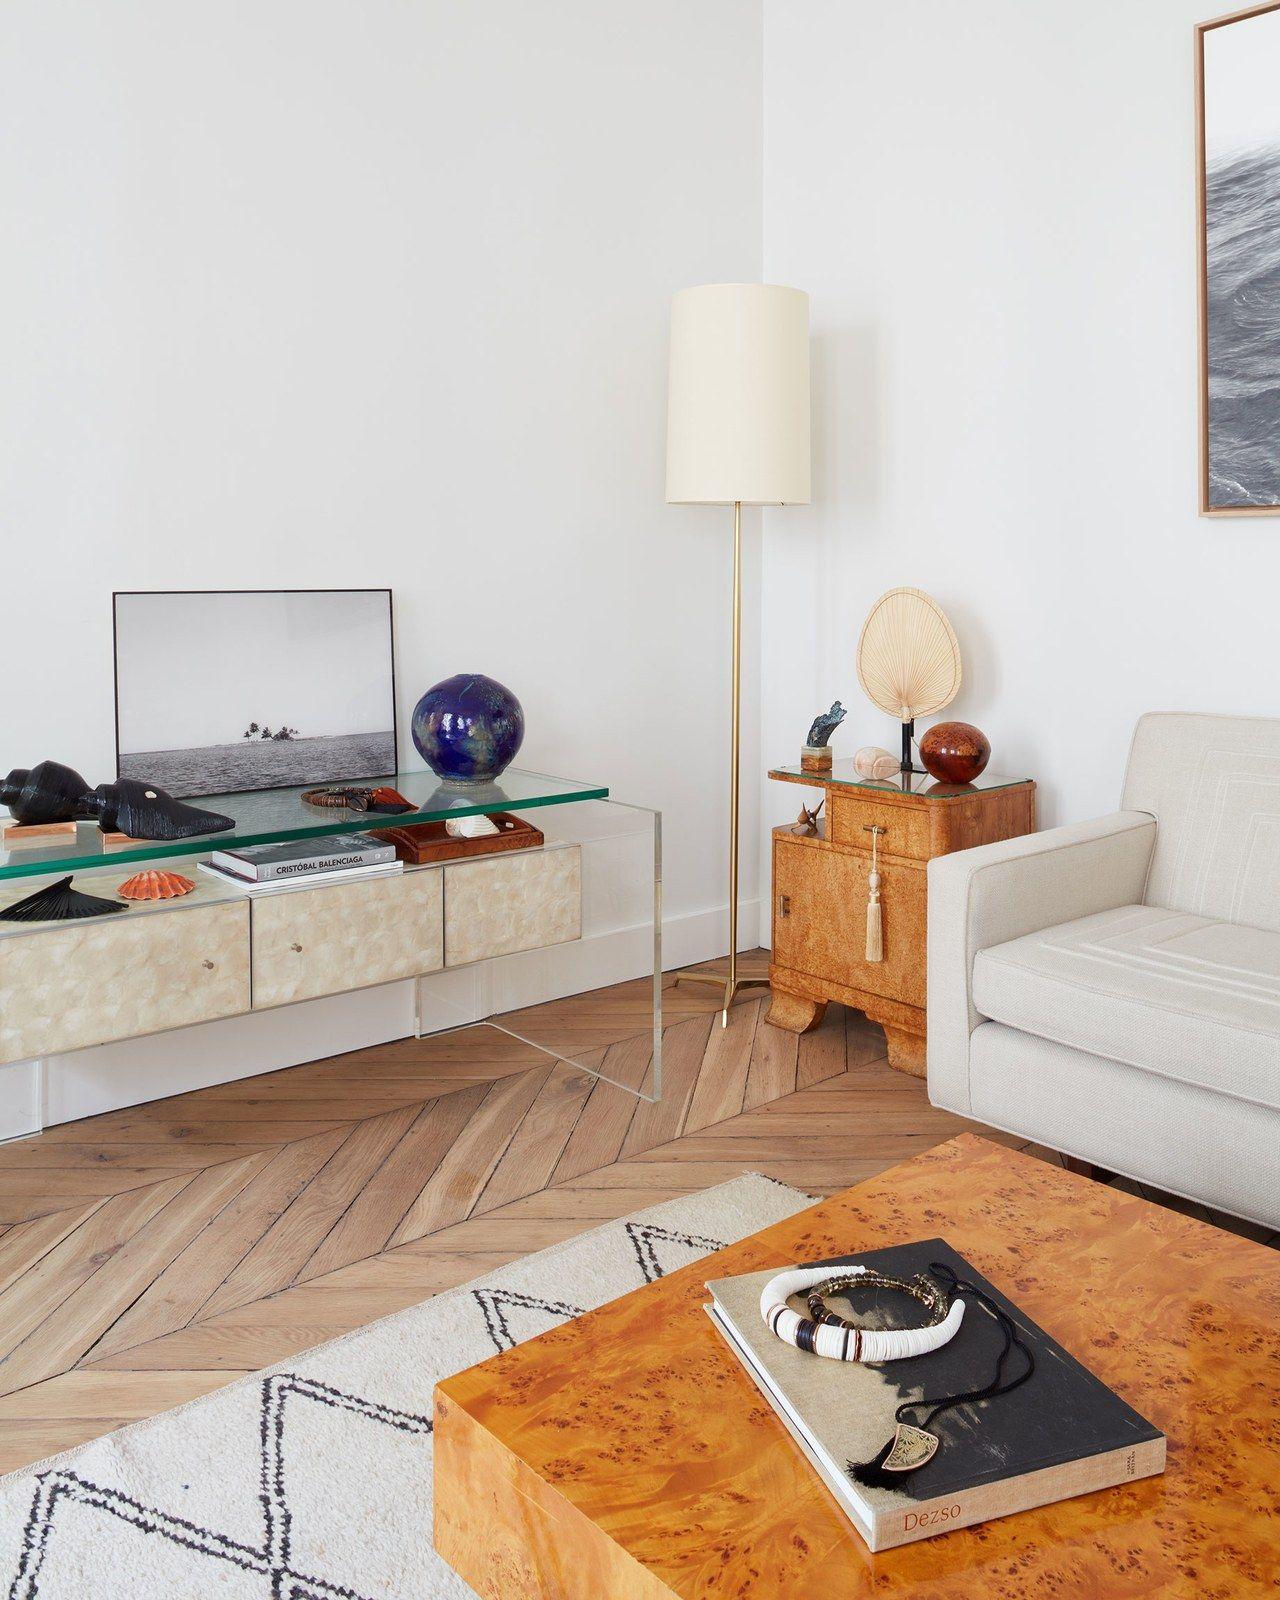 A Little Paris Apartment Teaches Us 4 Big Design Lessons | Architectural Digest